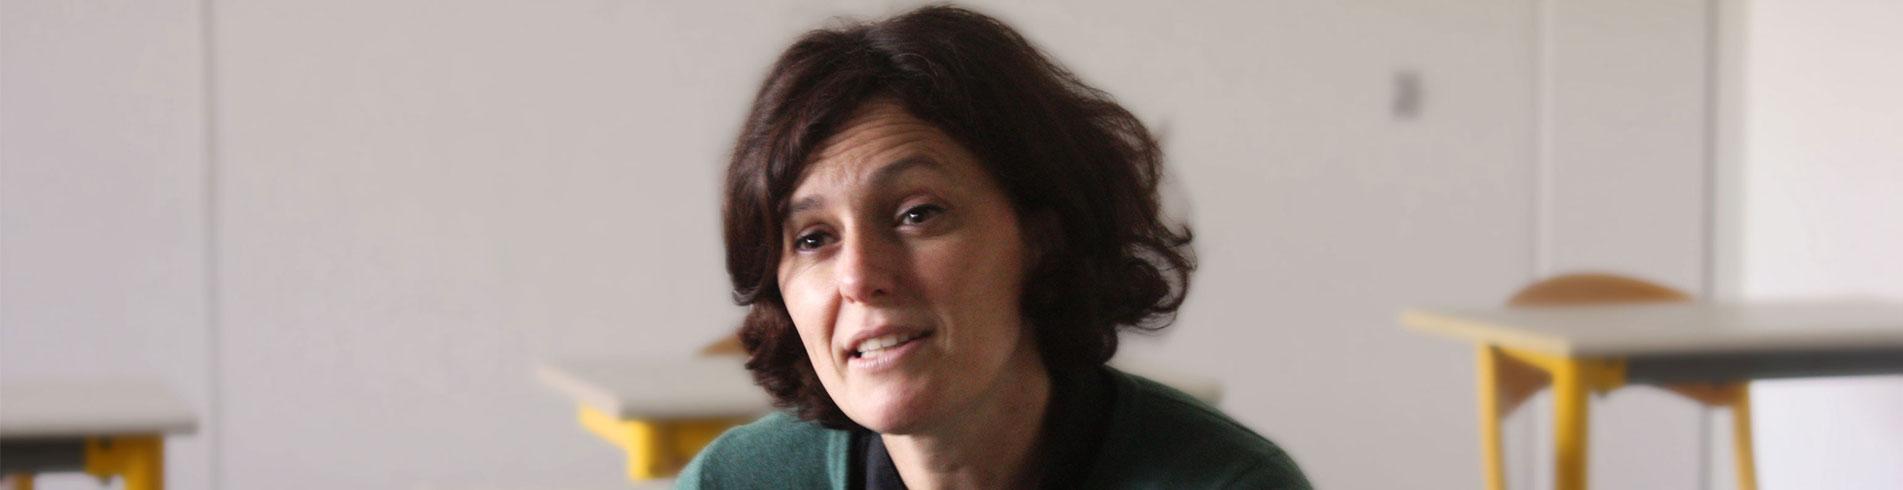 Interview de Cécile Cam, responsable RSE à l'ESB